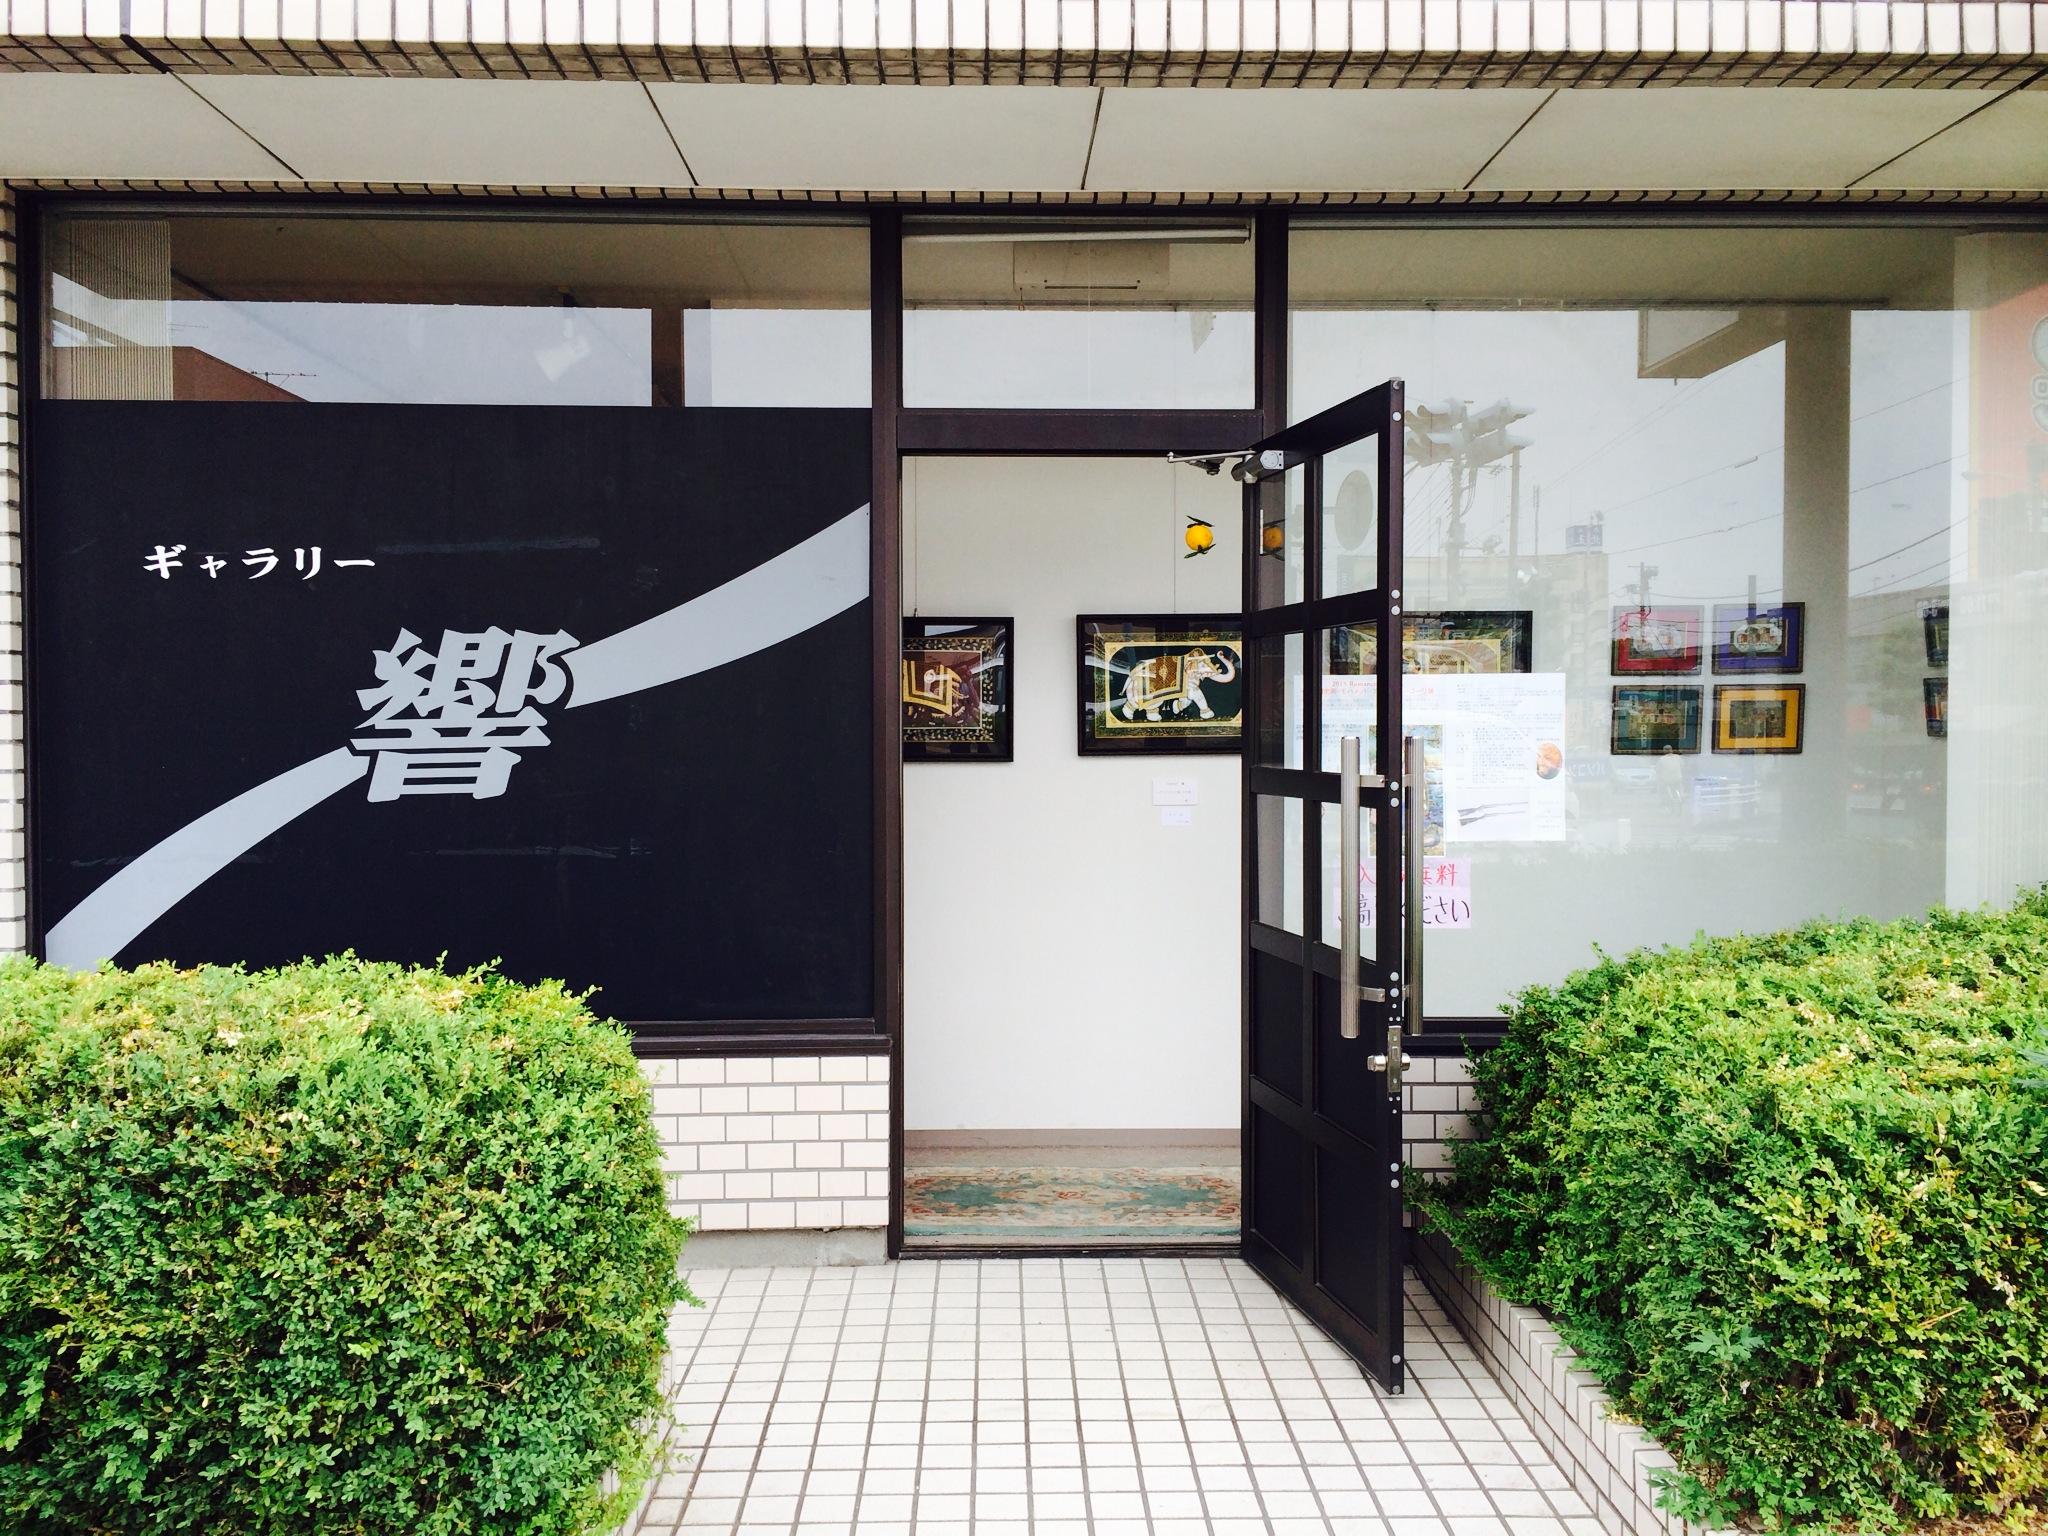 アートギャッベ®展 in 宇都宮